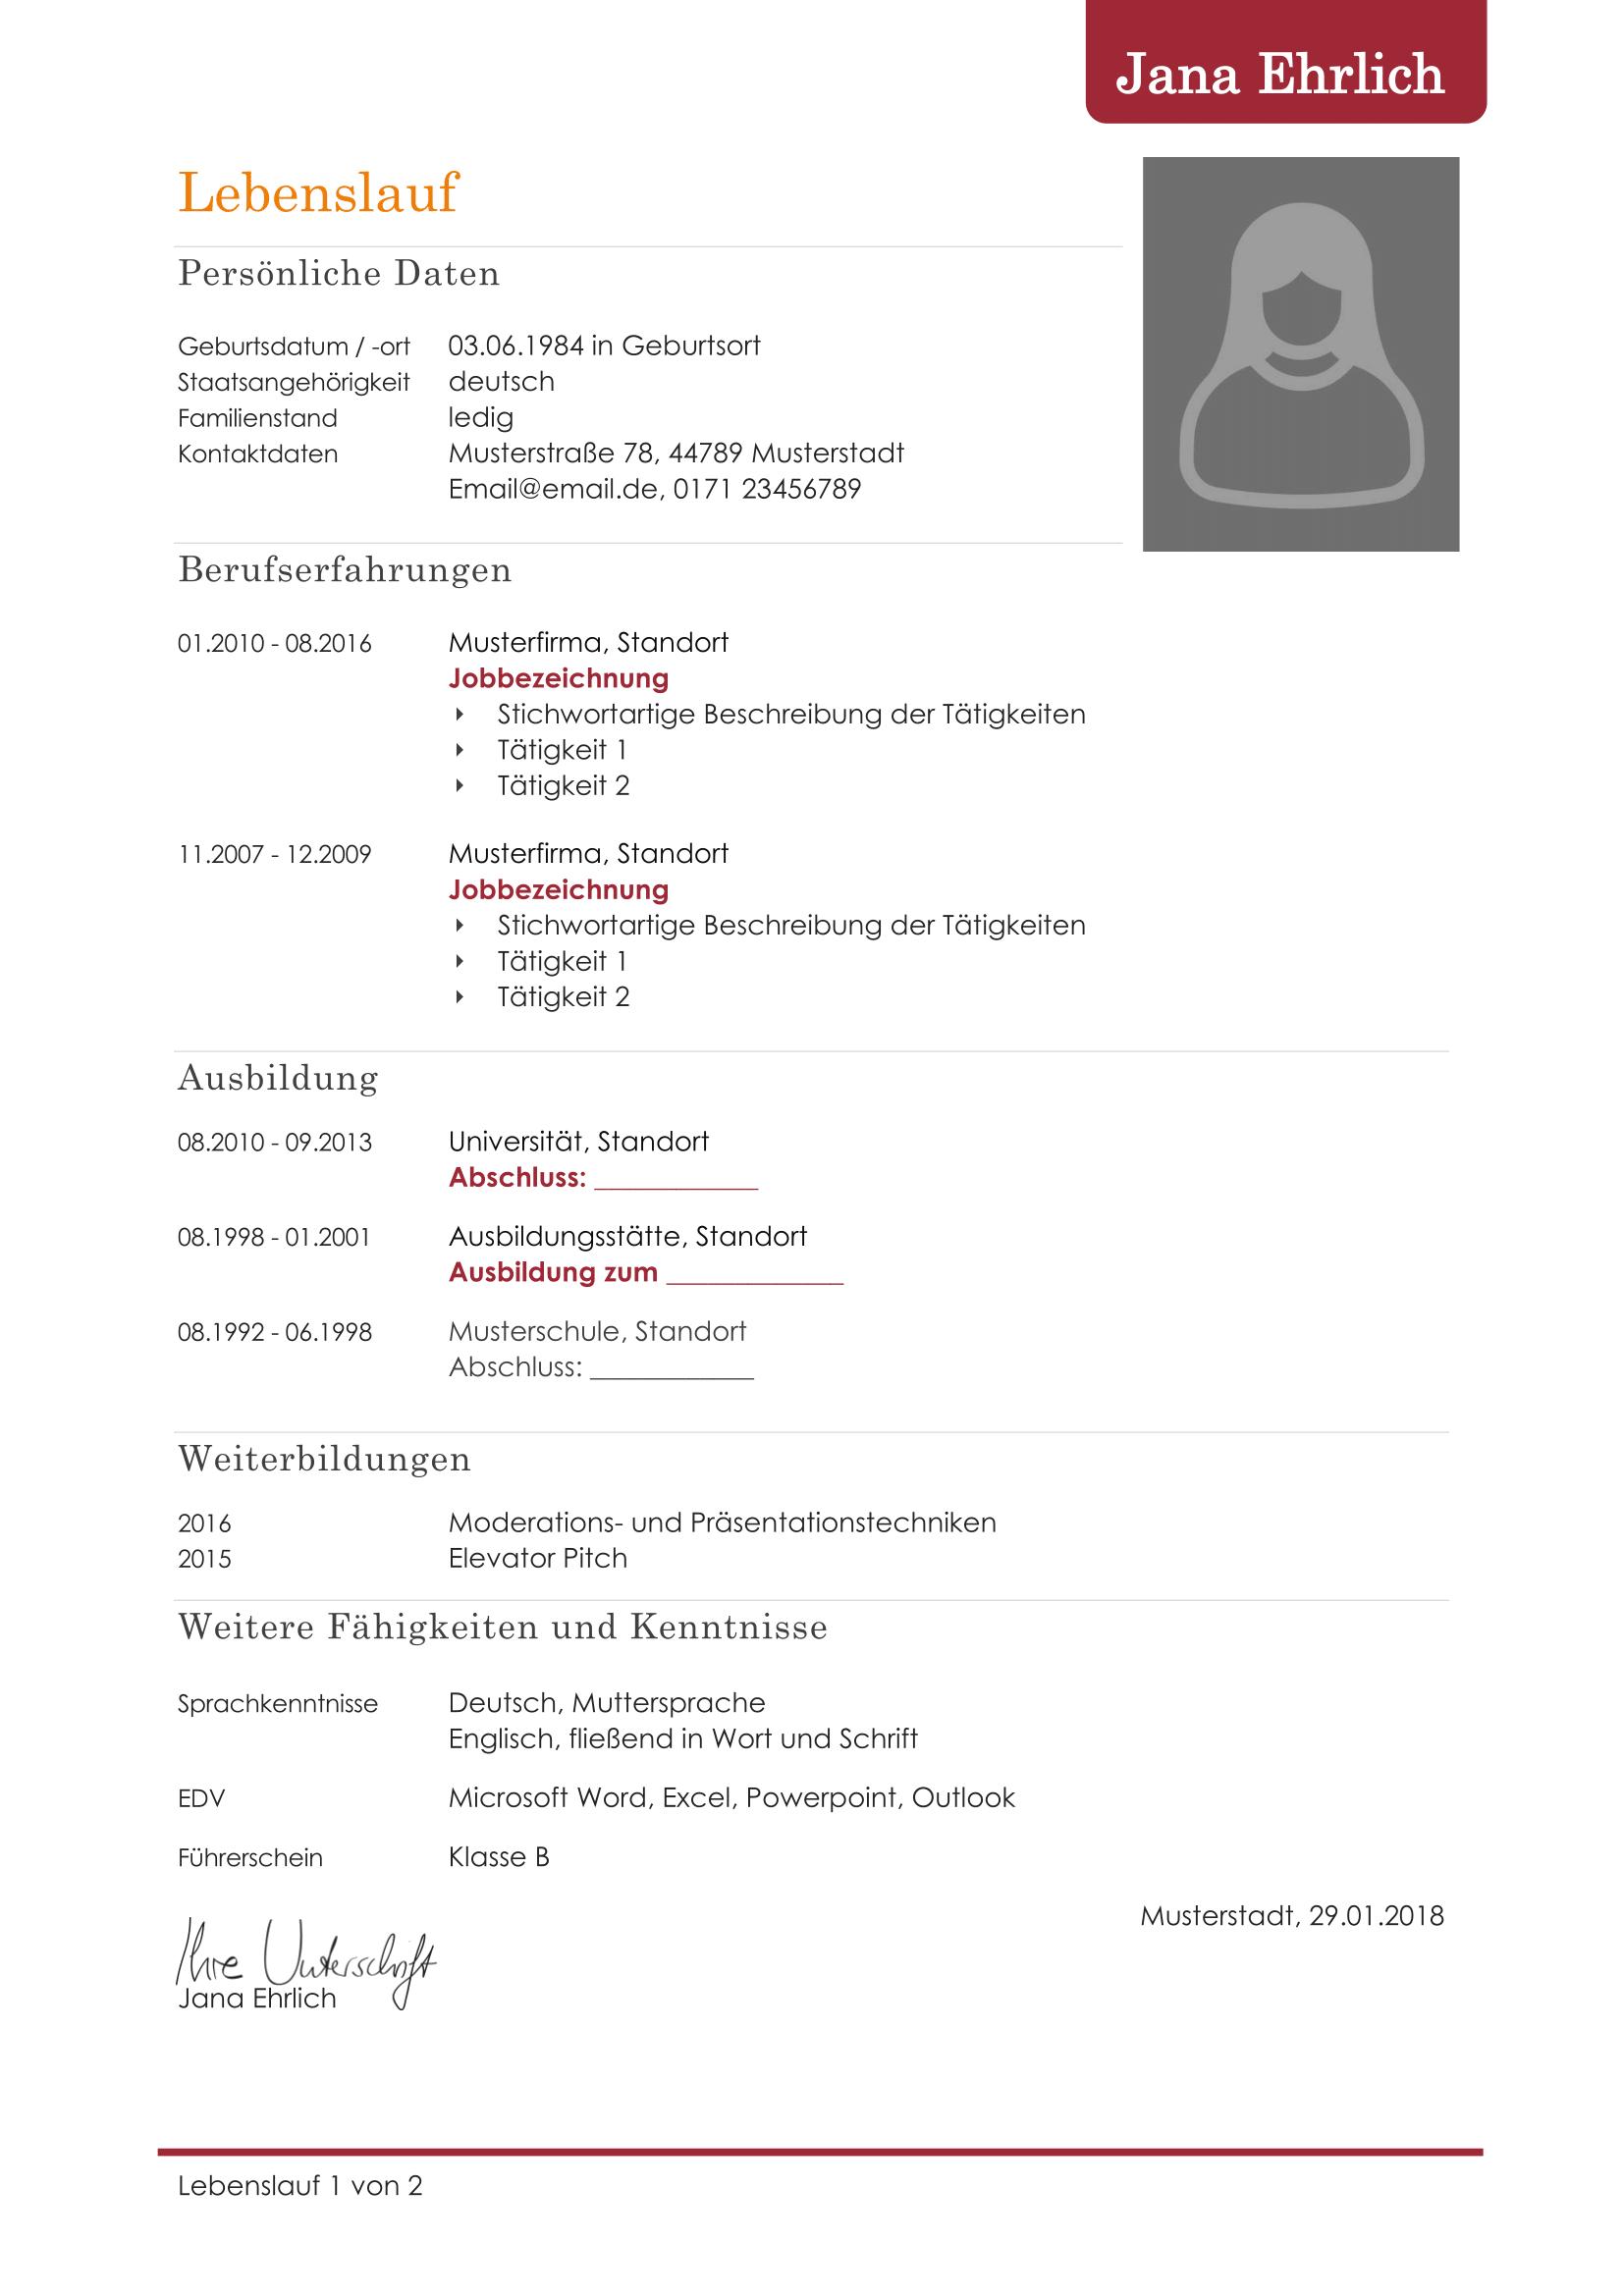 Frisch Der Perfekte Lebenslauf 2015 Briefprobe Briefformat Briefvorlage Lebenslauf Vorlagen Lebenslauf Vorlage Lebenslauf Kostenlos